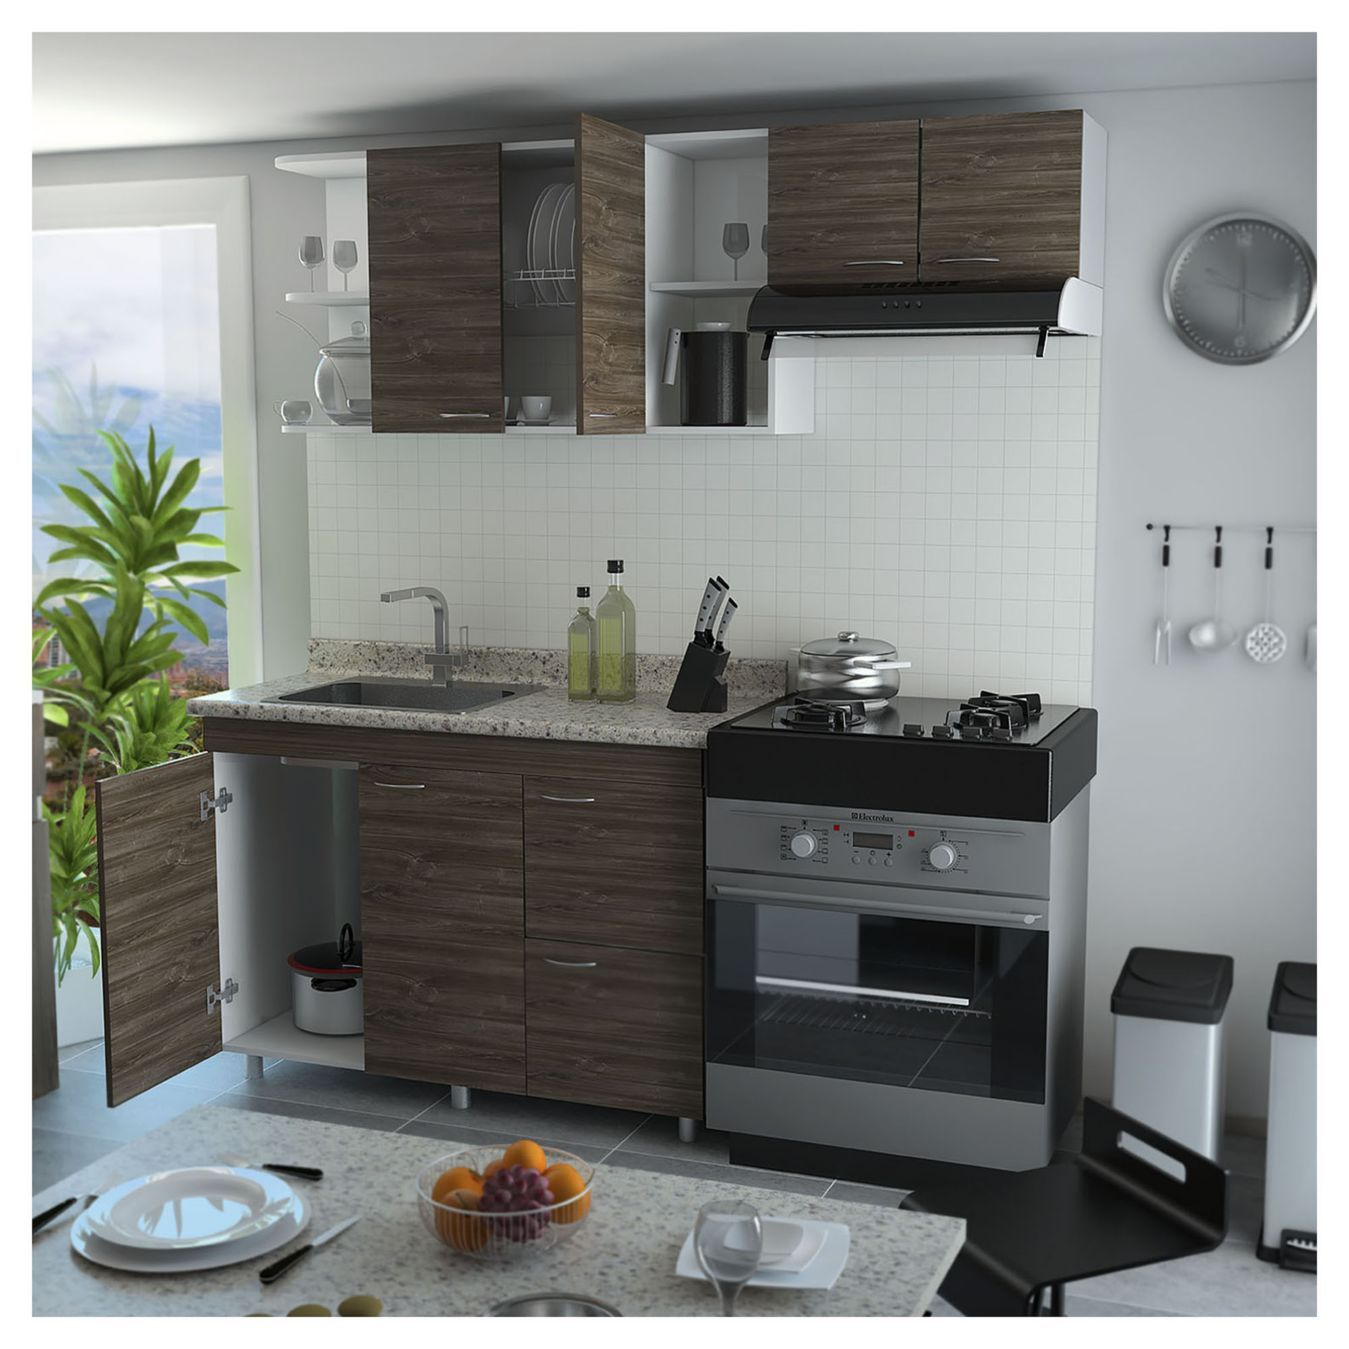 RTA Design Kit muebles de cocina aglomerado 120x88x52 cm | casa